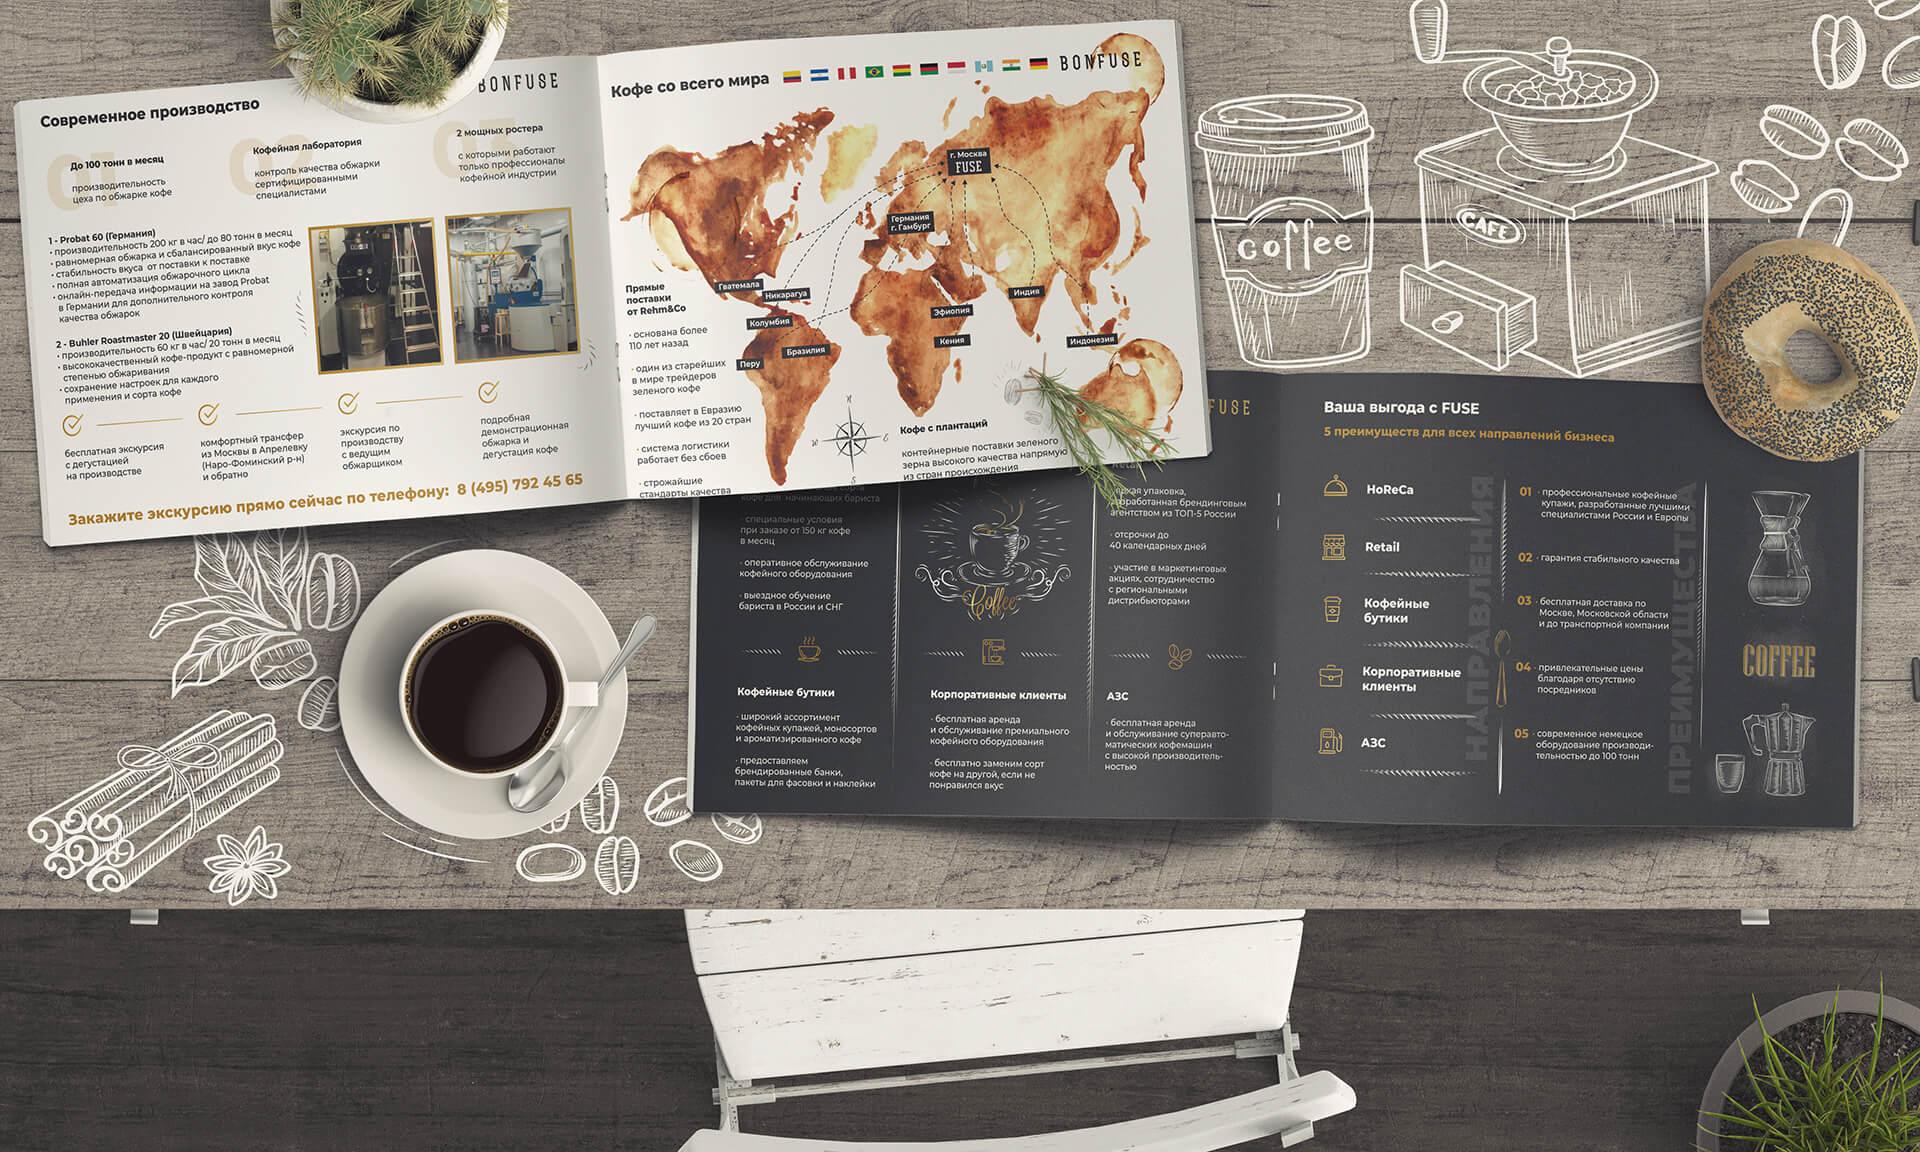 Заказать презентацию кофейной компании в Москве